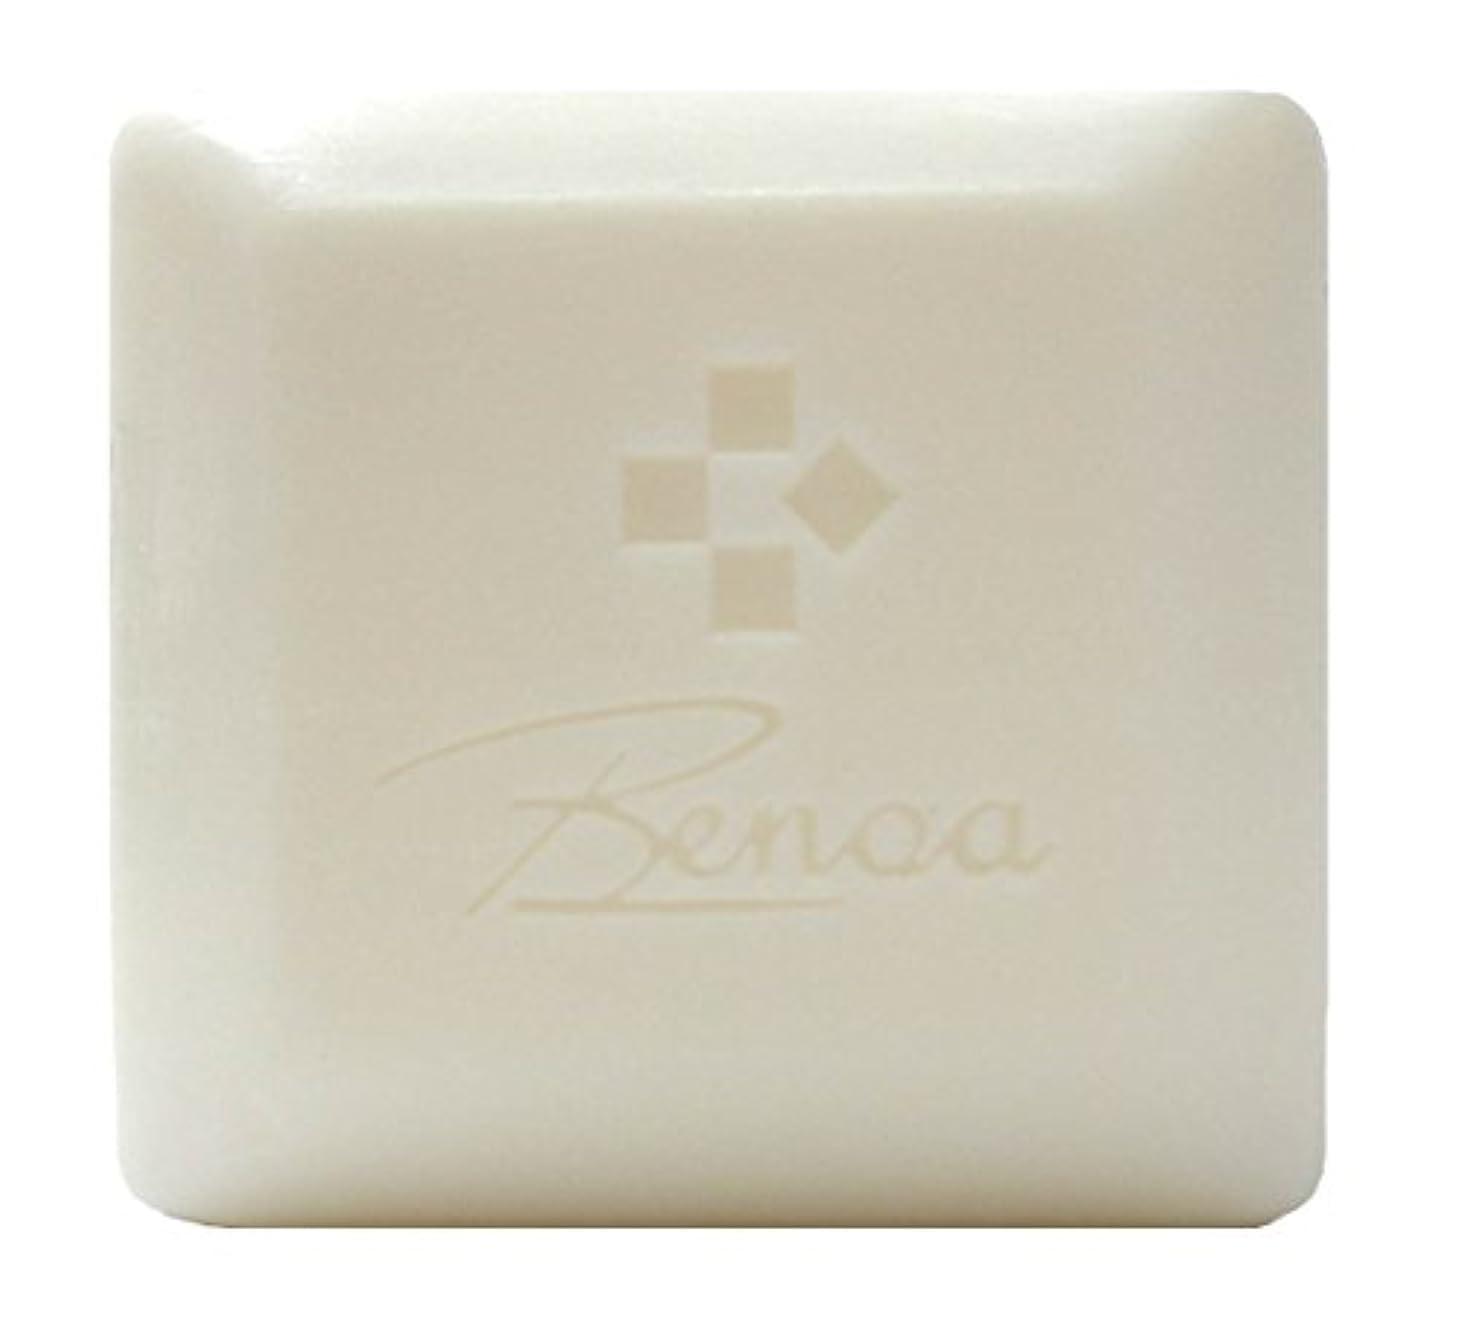 靴下国家美容師Benoa【ベノア】ベノア?ジァパン コラーゲンソープ【石鹸】